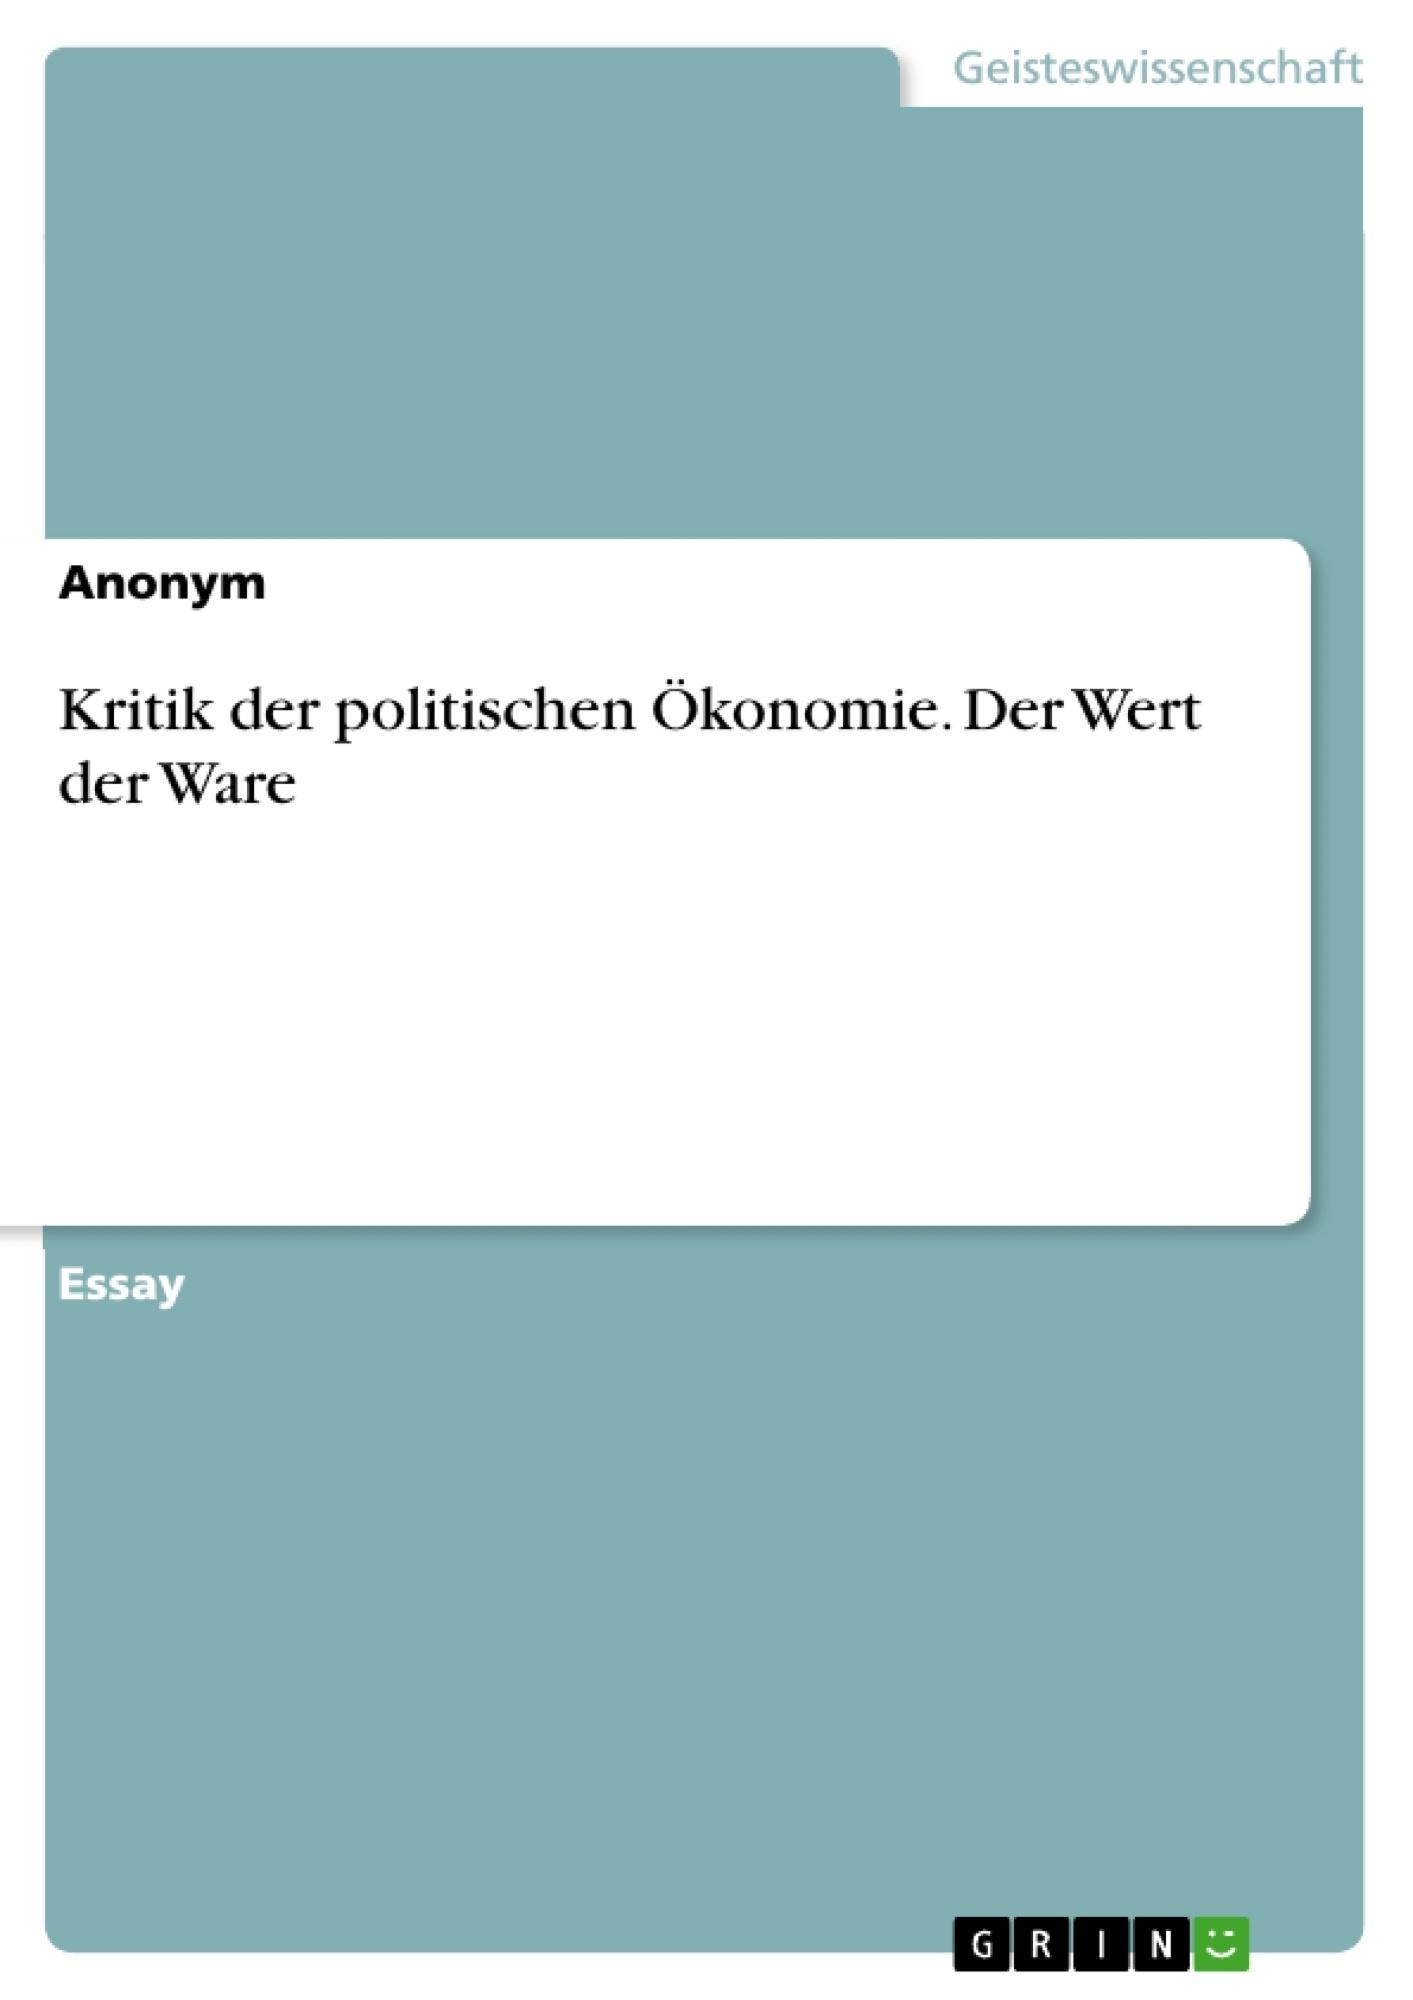 Titel: Kritik der politischen Ökonomie. Der Wert der Ware